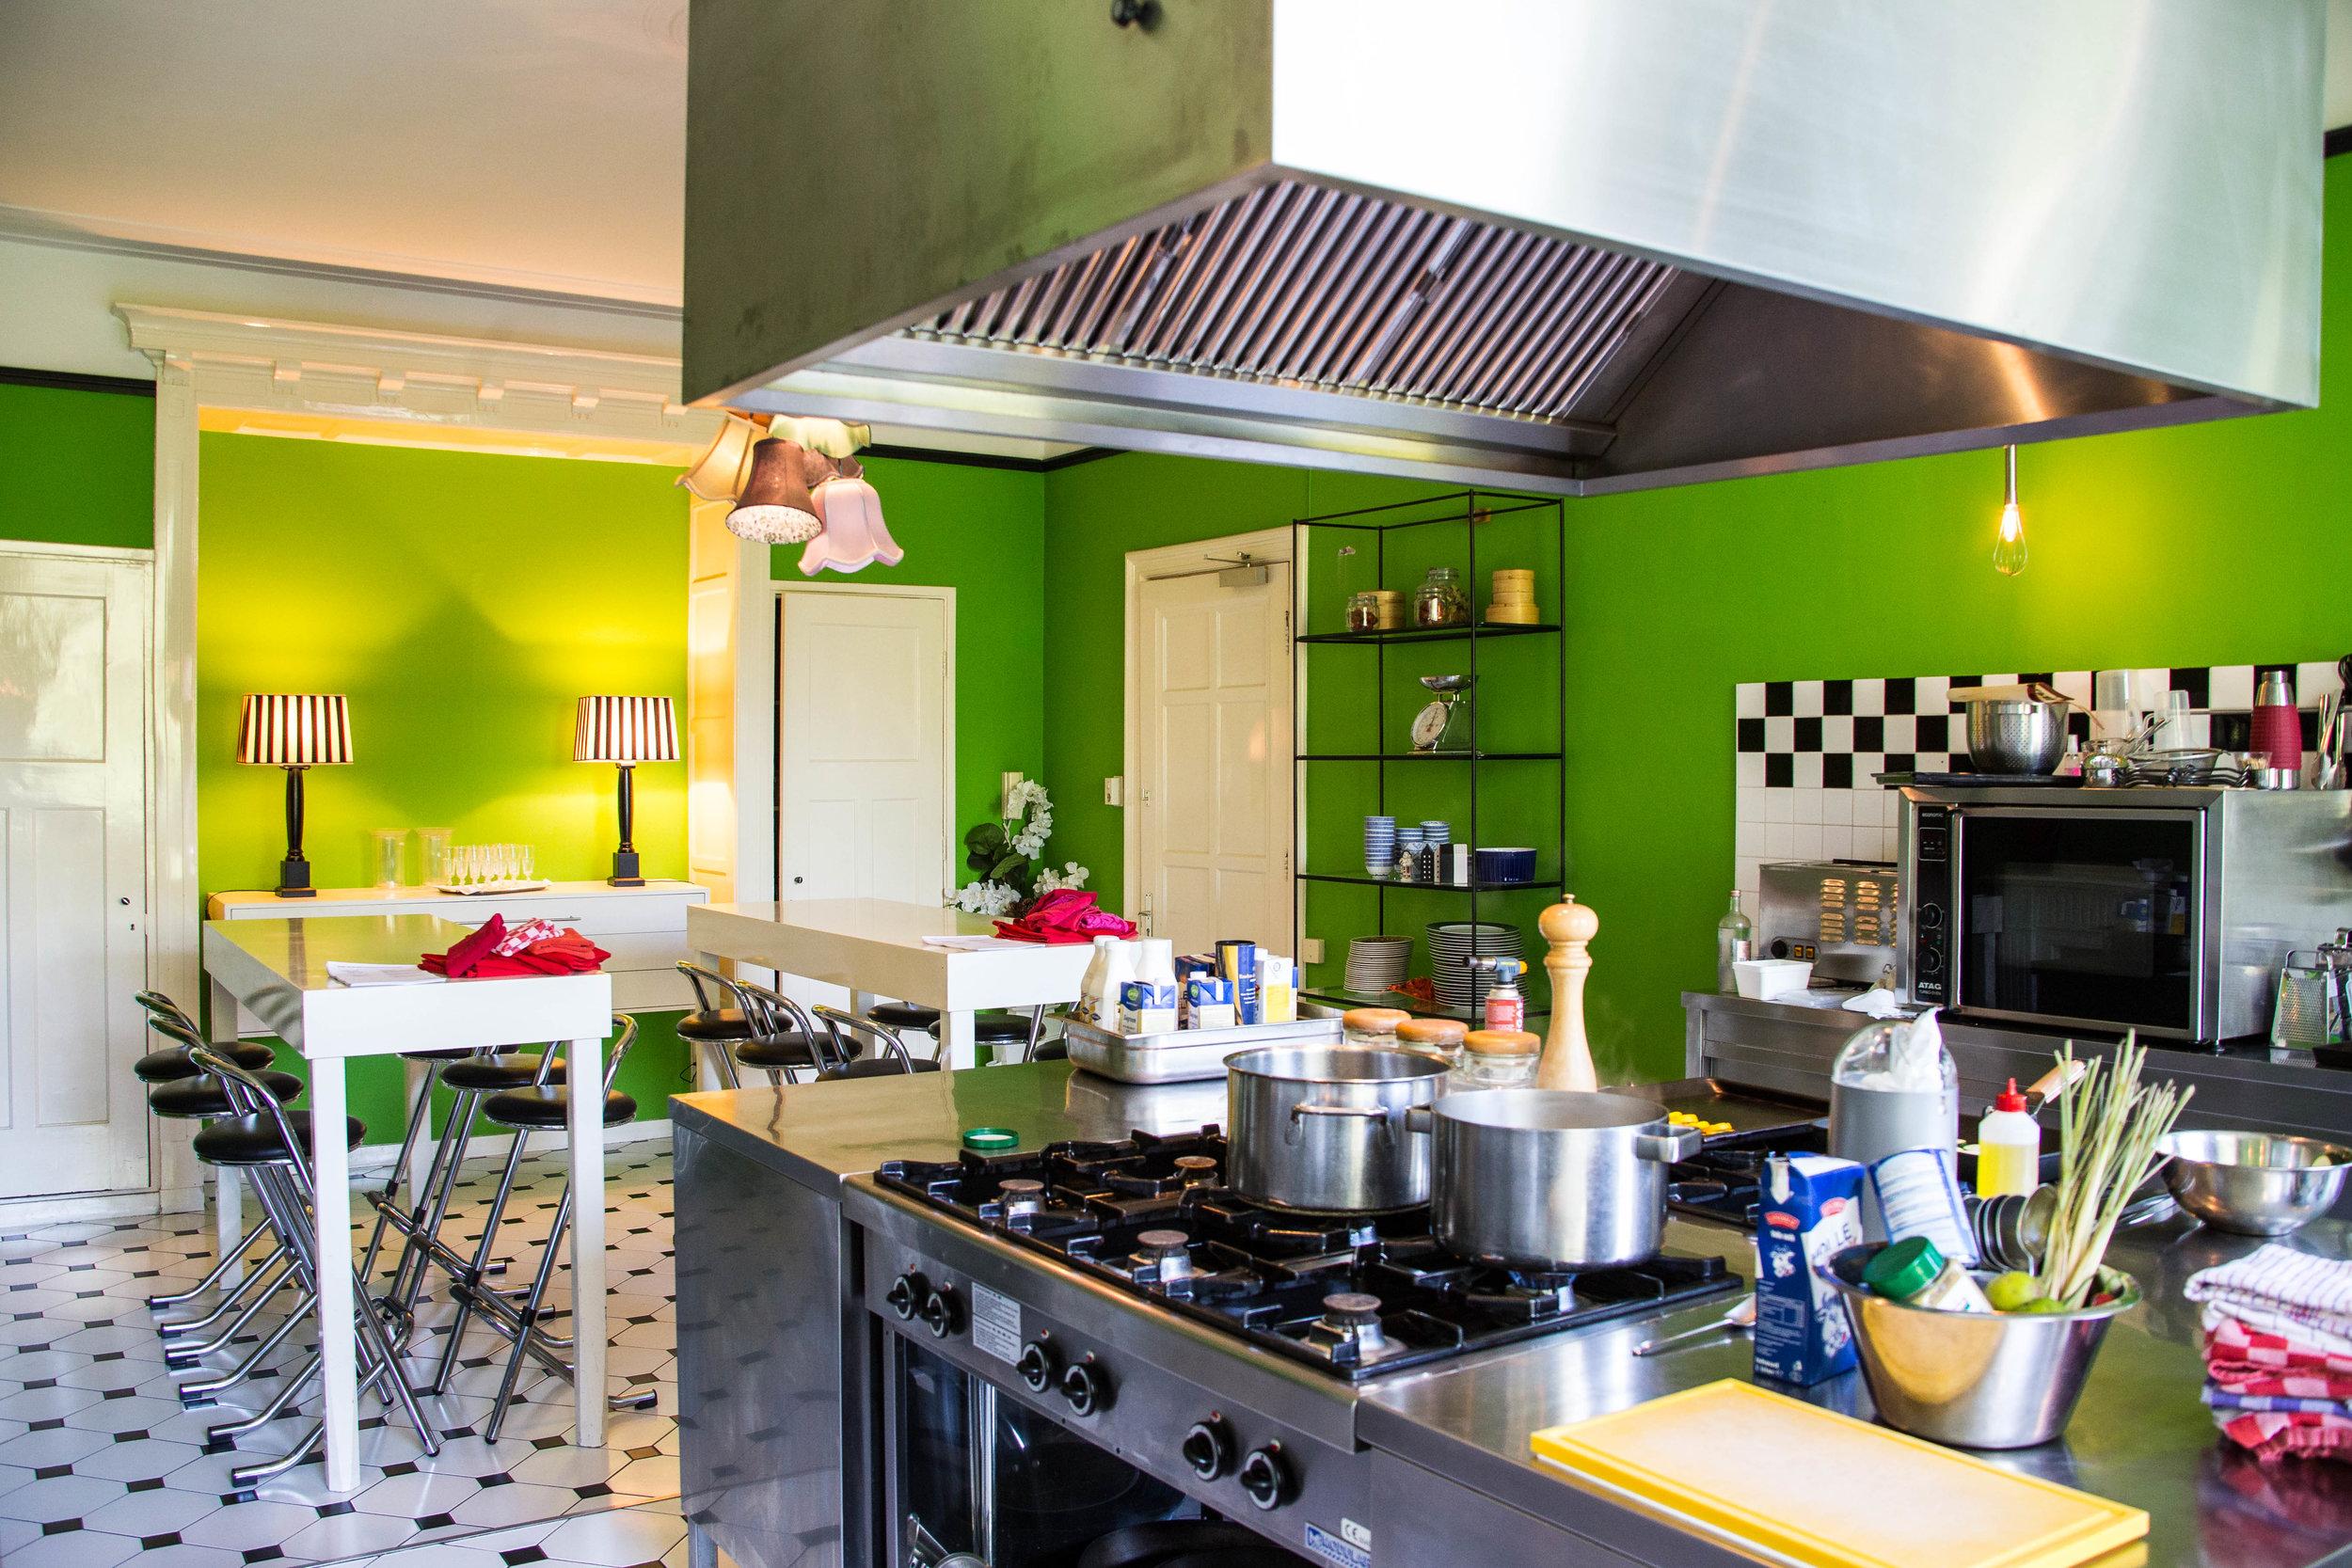 Diner Thuis Kookstudio-3.jpg